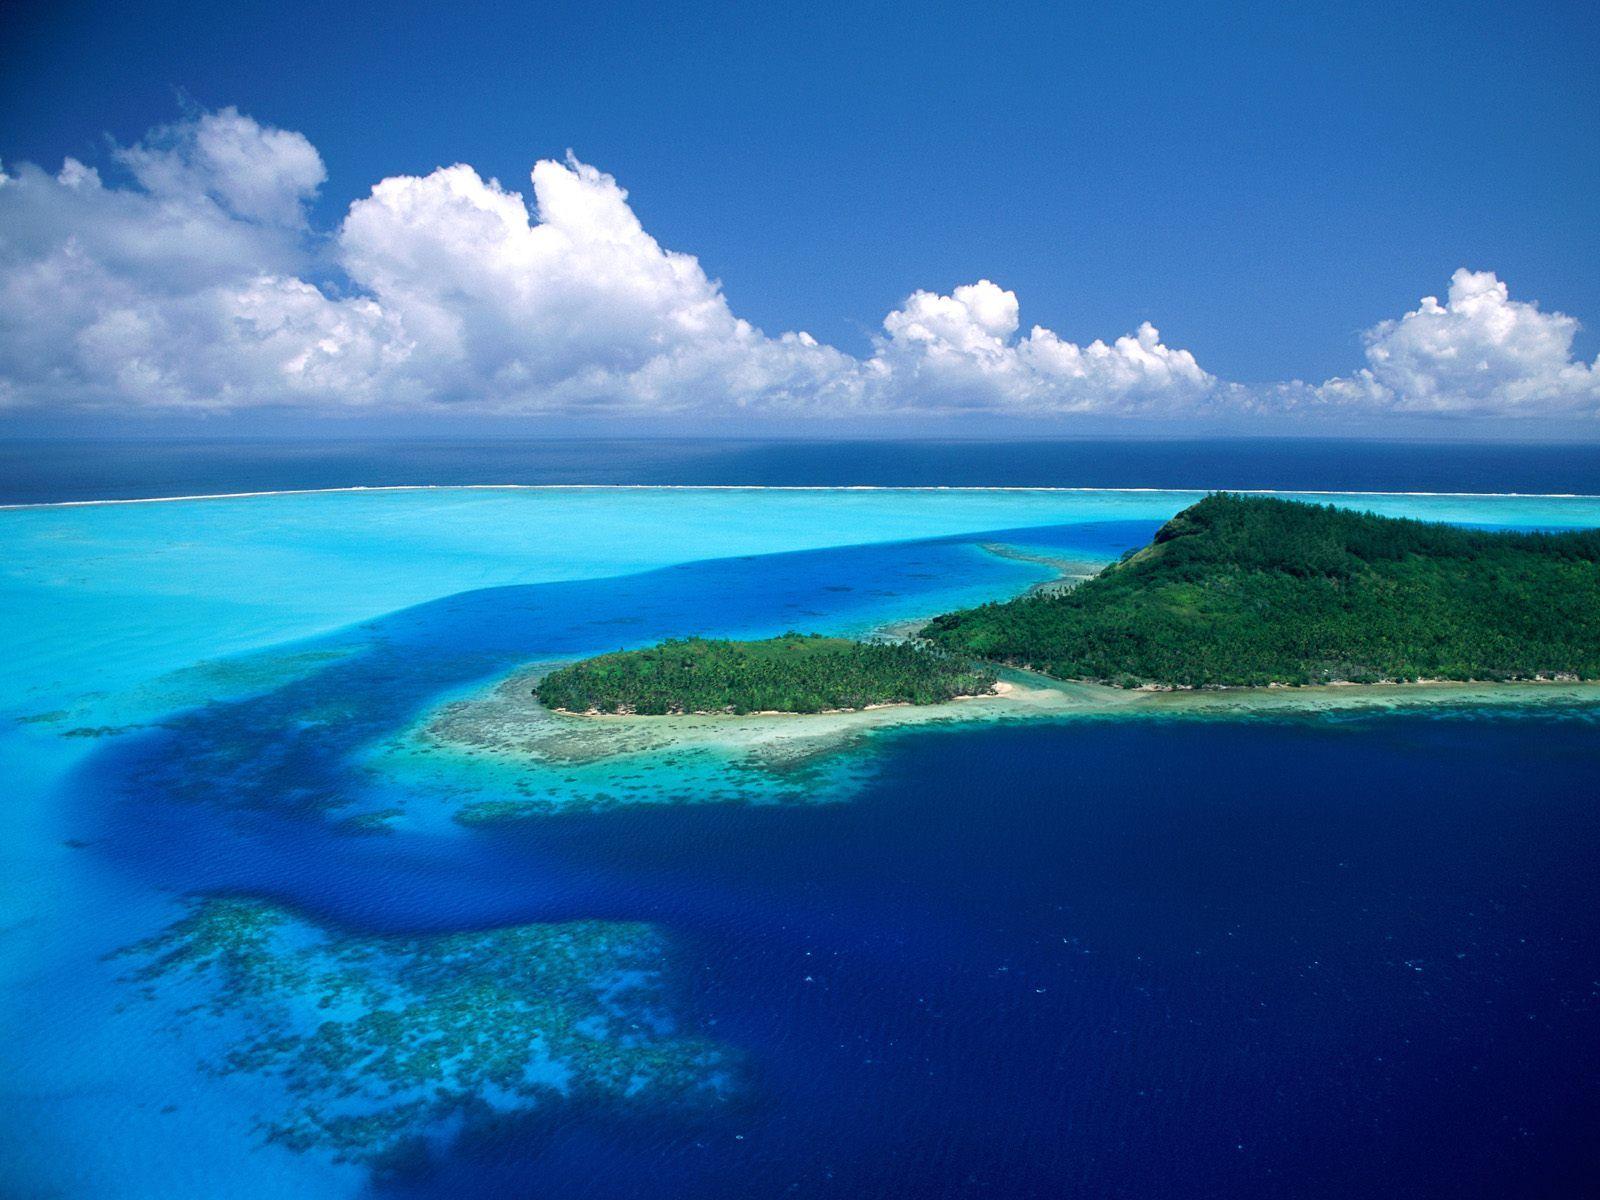 http://3.bp.blogspot.com/-oYj8yqaAmKU/T_gnb7Y1STI/AAAAAAAAJUM/i8EH4e6o_fs/s1600/Pacific.jpg